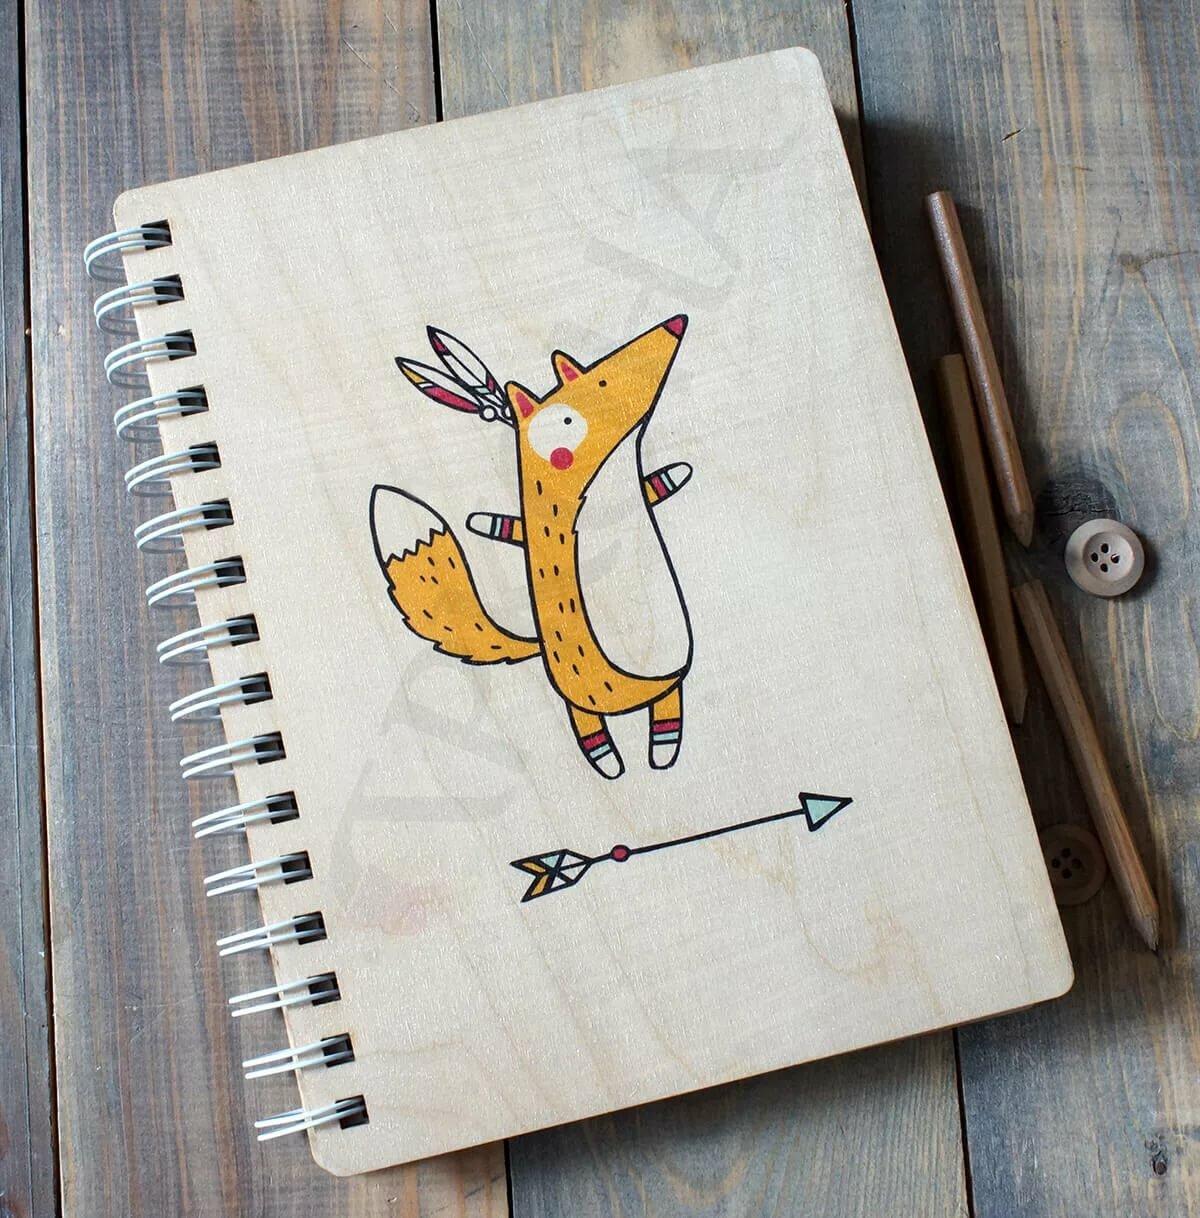 красивые рисунки которые можно нарисовать в блокнот работаем